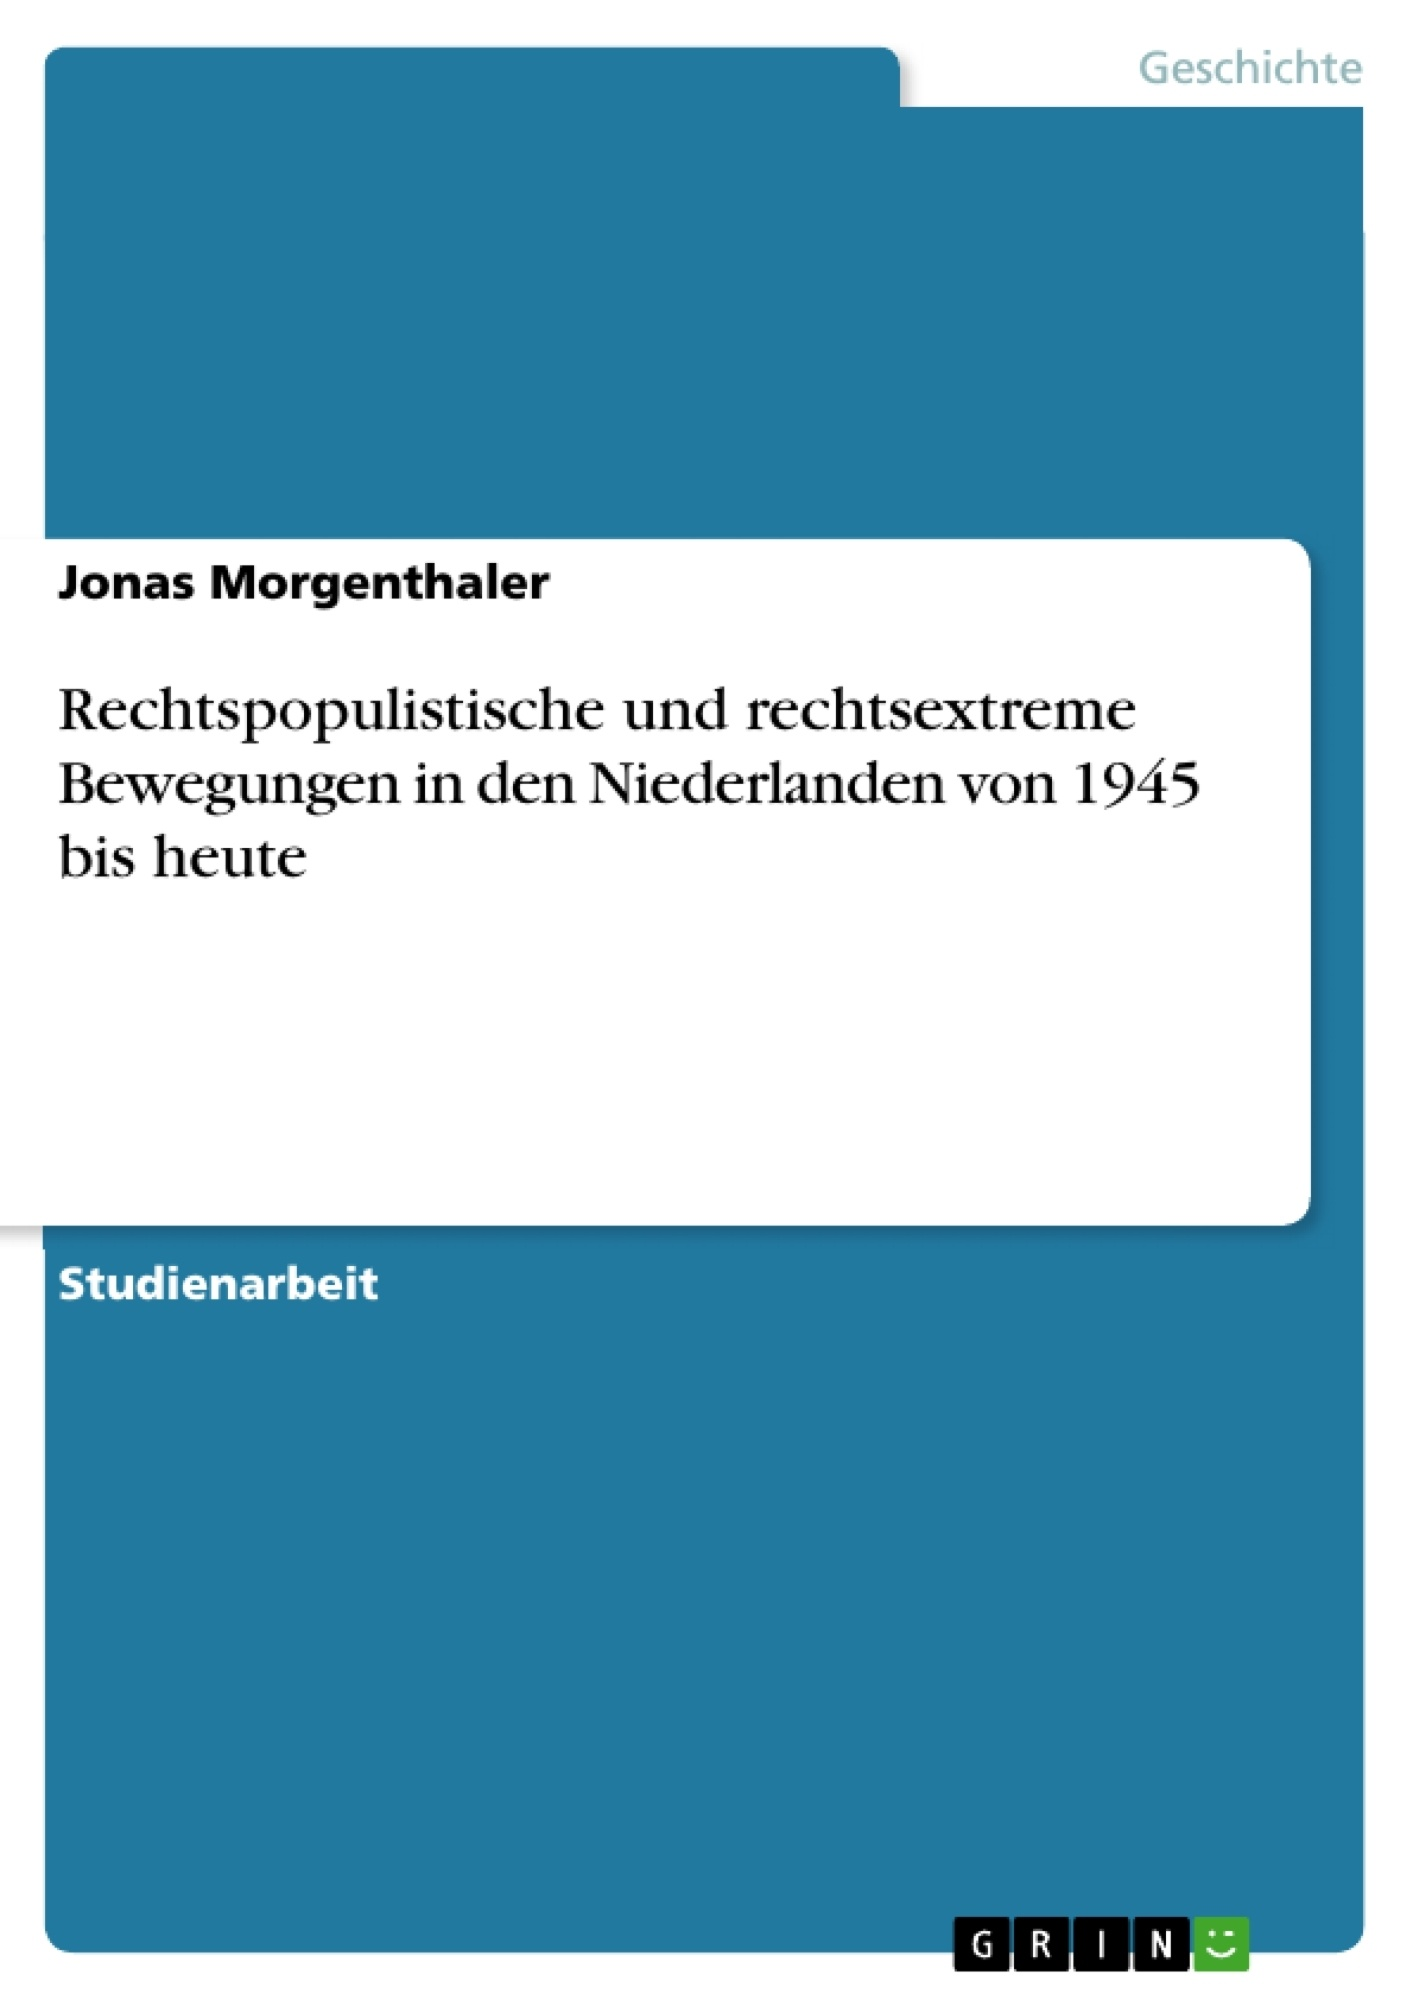 Titel: Rechtspopulistische und rechtsextreme Bewegungen in den Niederlanden von 1945 bis heute